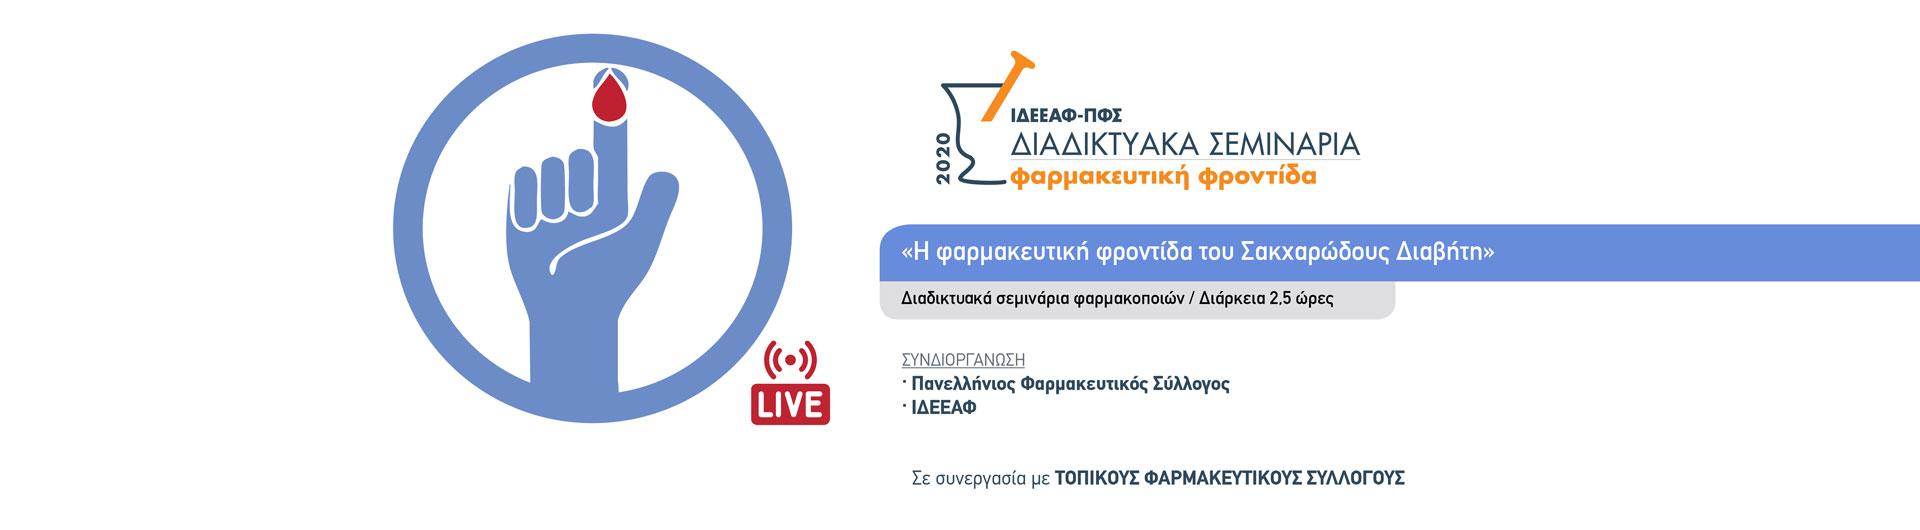 Διαδυκτιακά Live Σεμινάρια Σακχαρώδη Διαβήτη